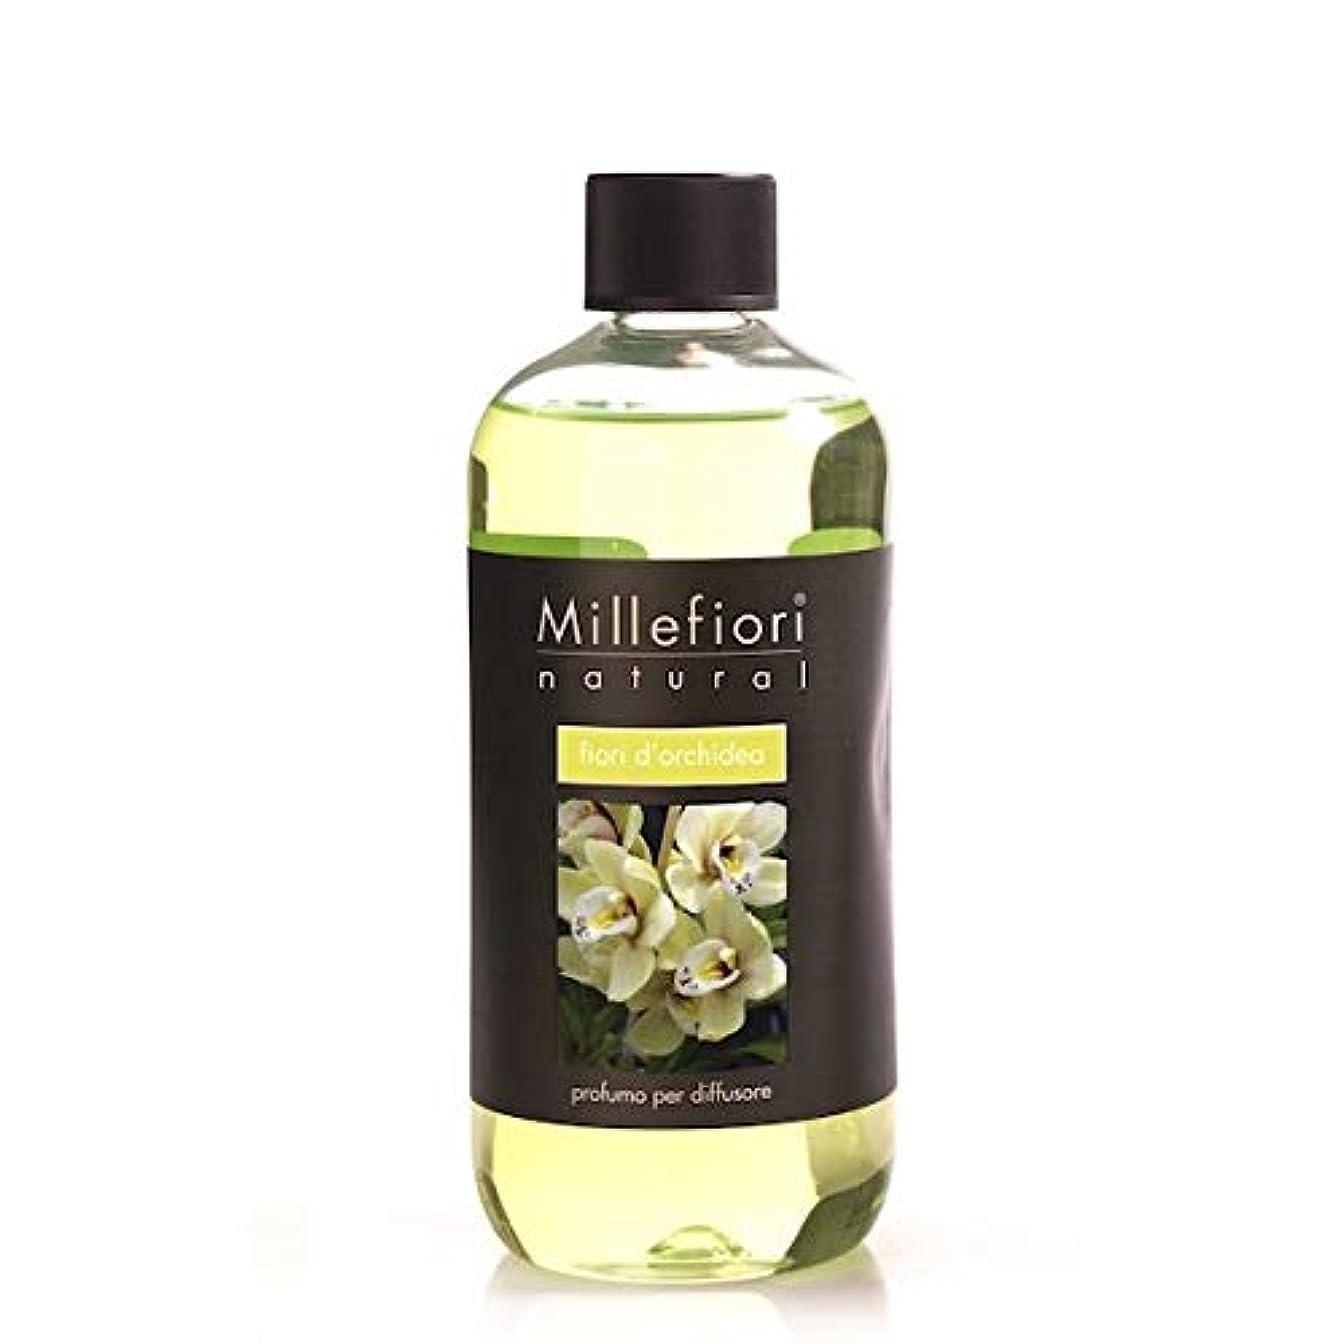 バインドモールス信号収束するミッレフィオーリ(Millefiori) Natural オーキッド(FIORI DI ORCHIDEA) 交換用リフィル500ml [並行輸入品]